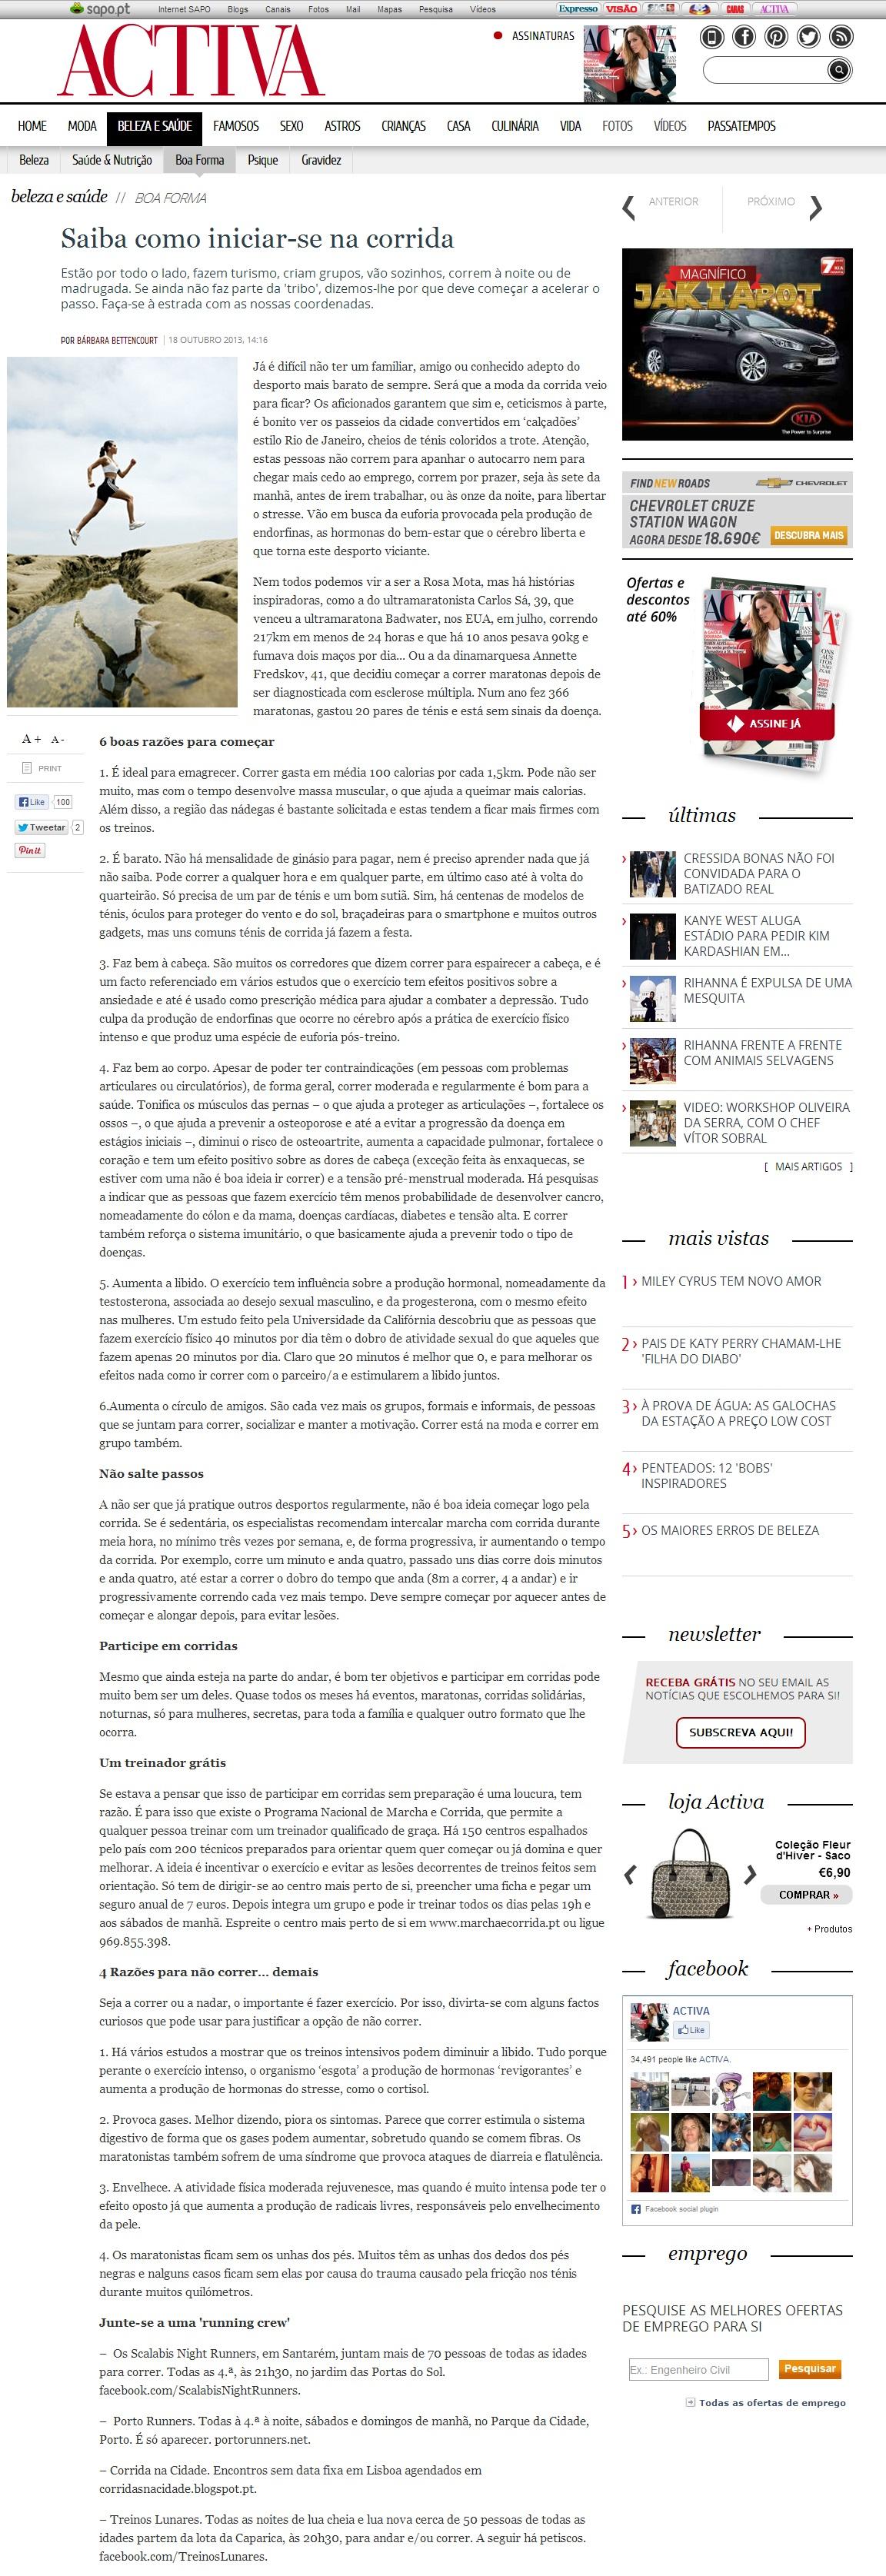 activa.sapo.pt 2013.10.18 portugisisk